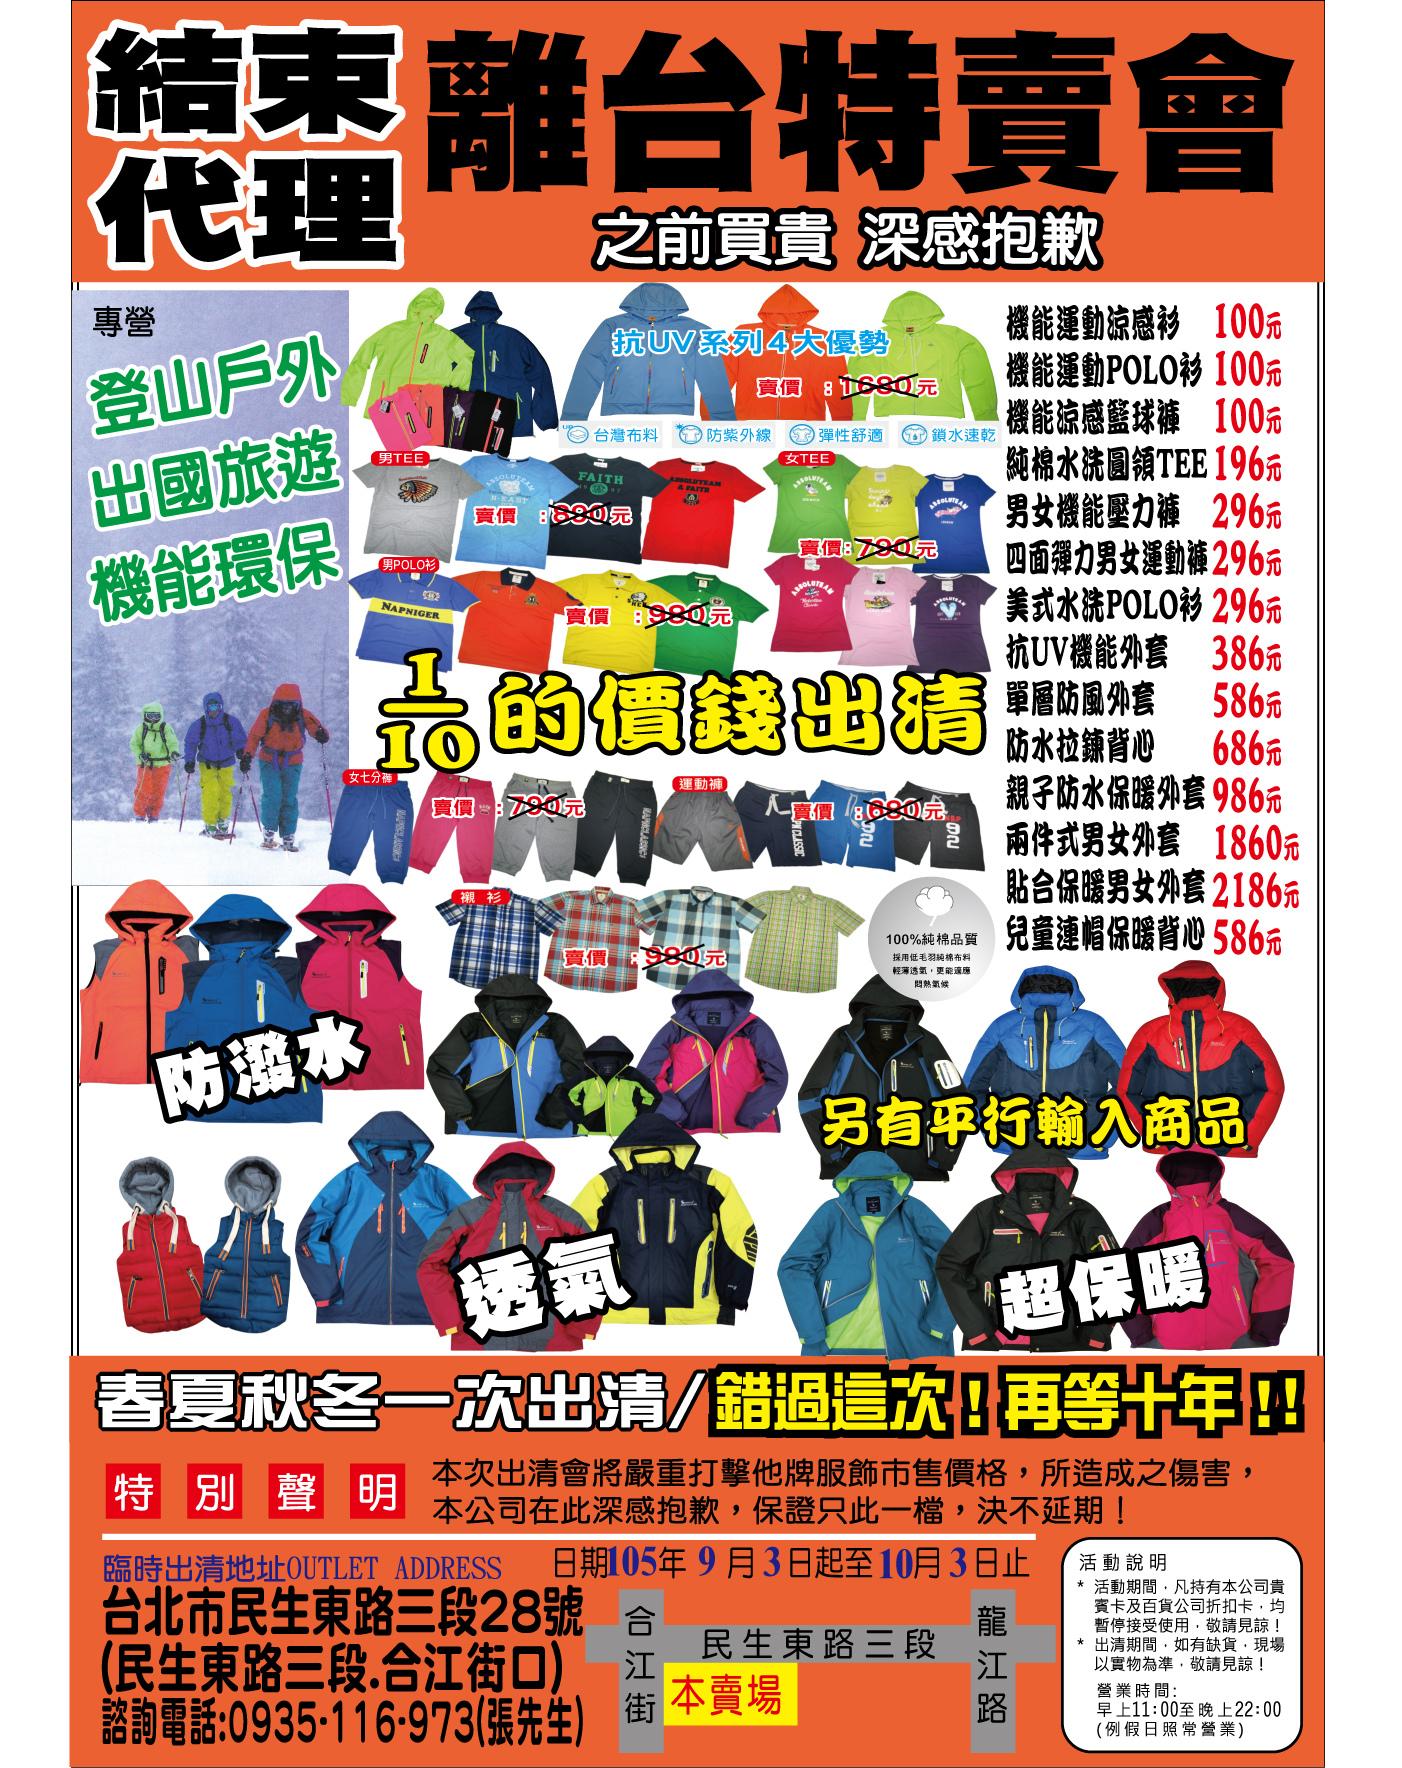 160901-琦哥-台北市民生東路三段-A4DM-雙面-100P銅版紙-16000張-正面.jpg